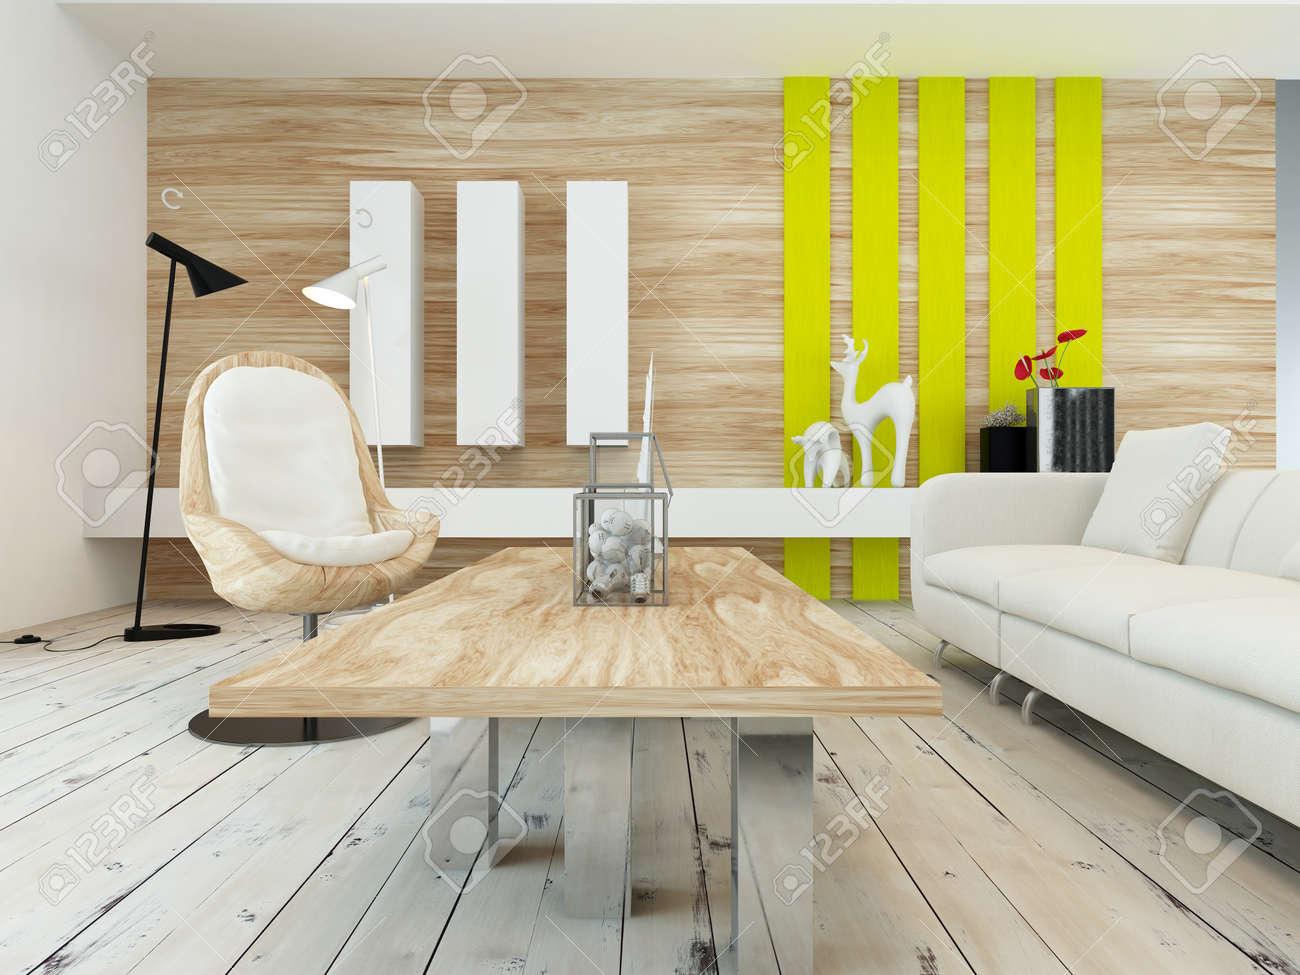 Décor Rustique Dans Un Salon Moderne Avec Un Mur De Bois Avec Des ...